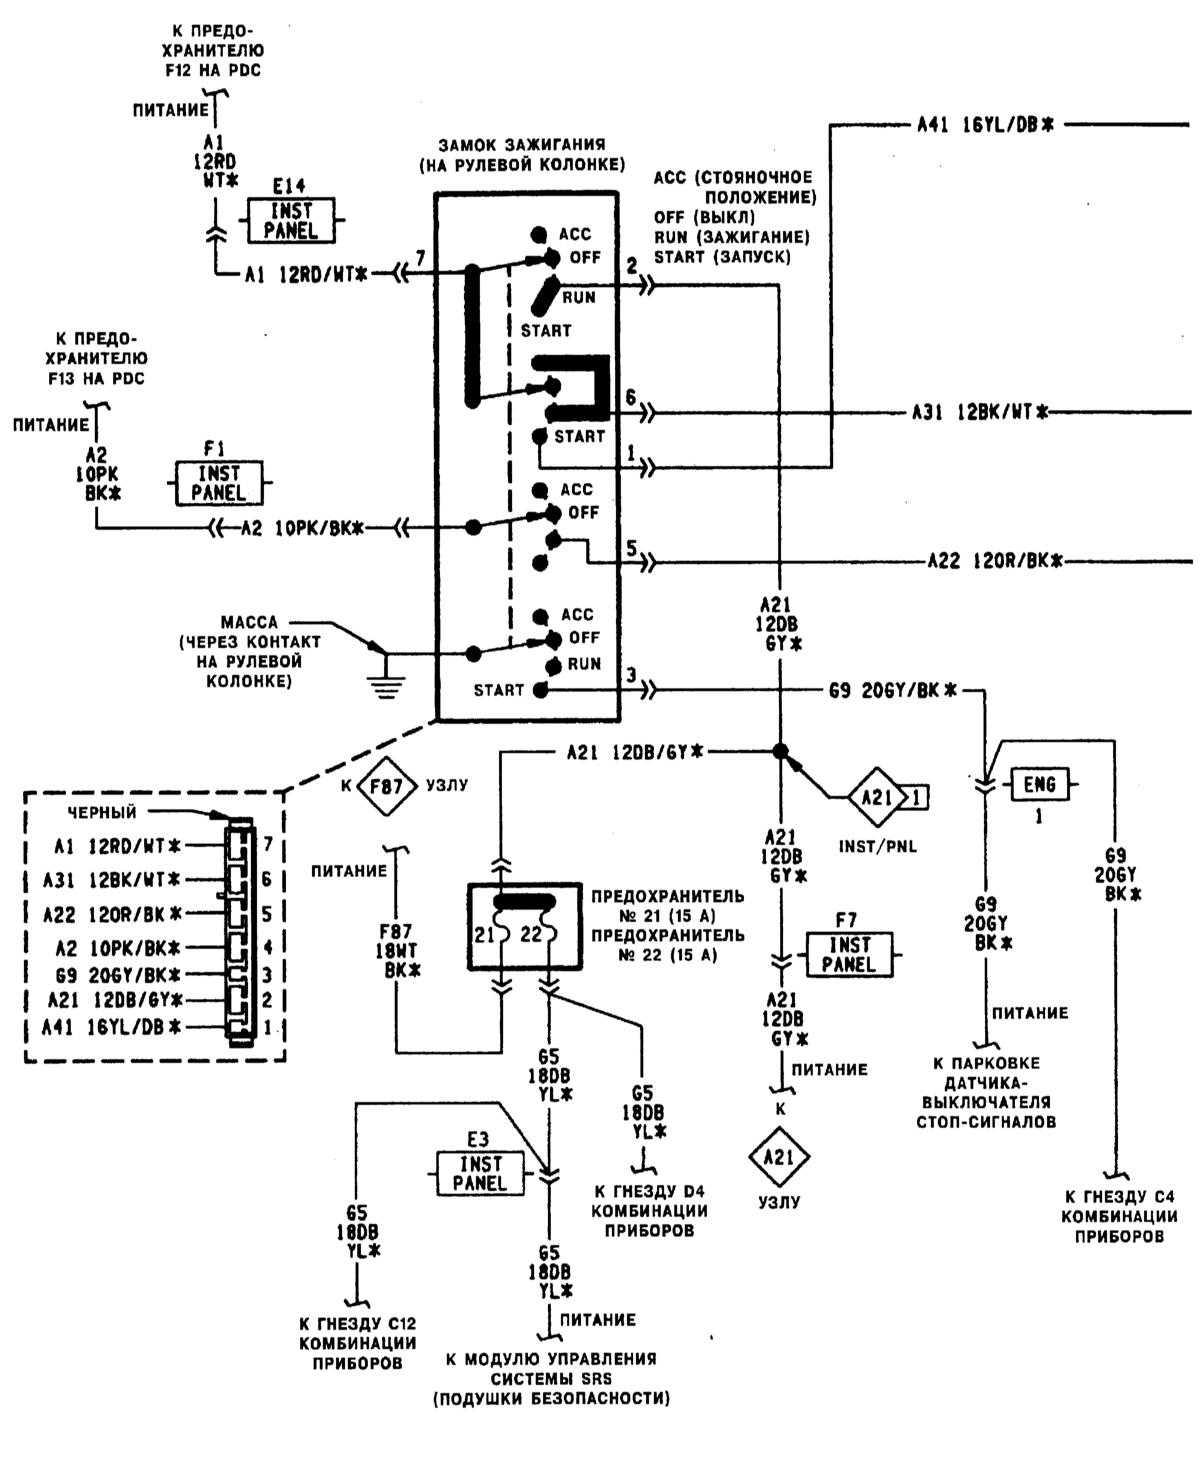 кондиционер ауди а4 схема